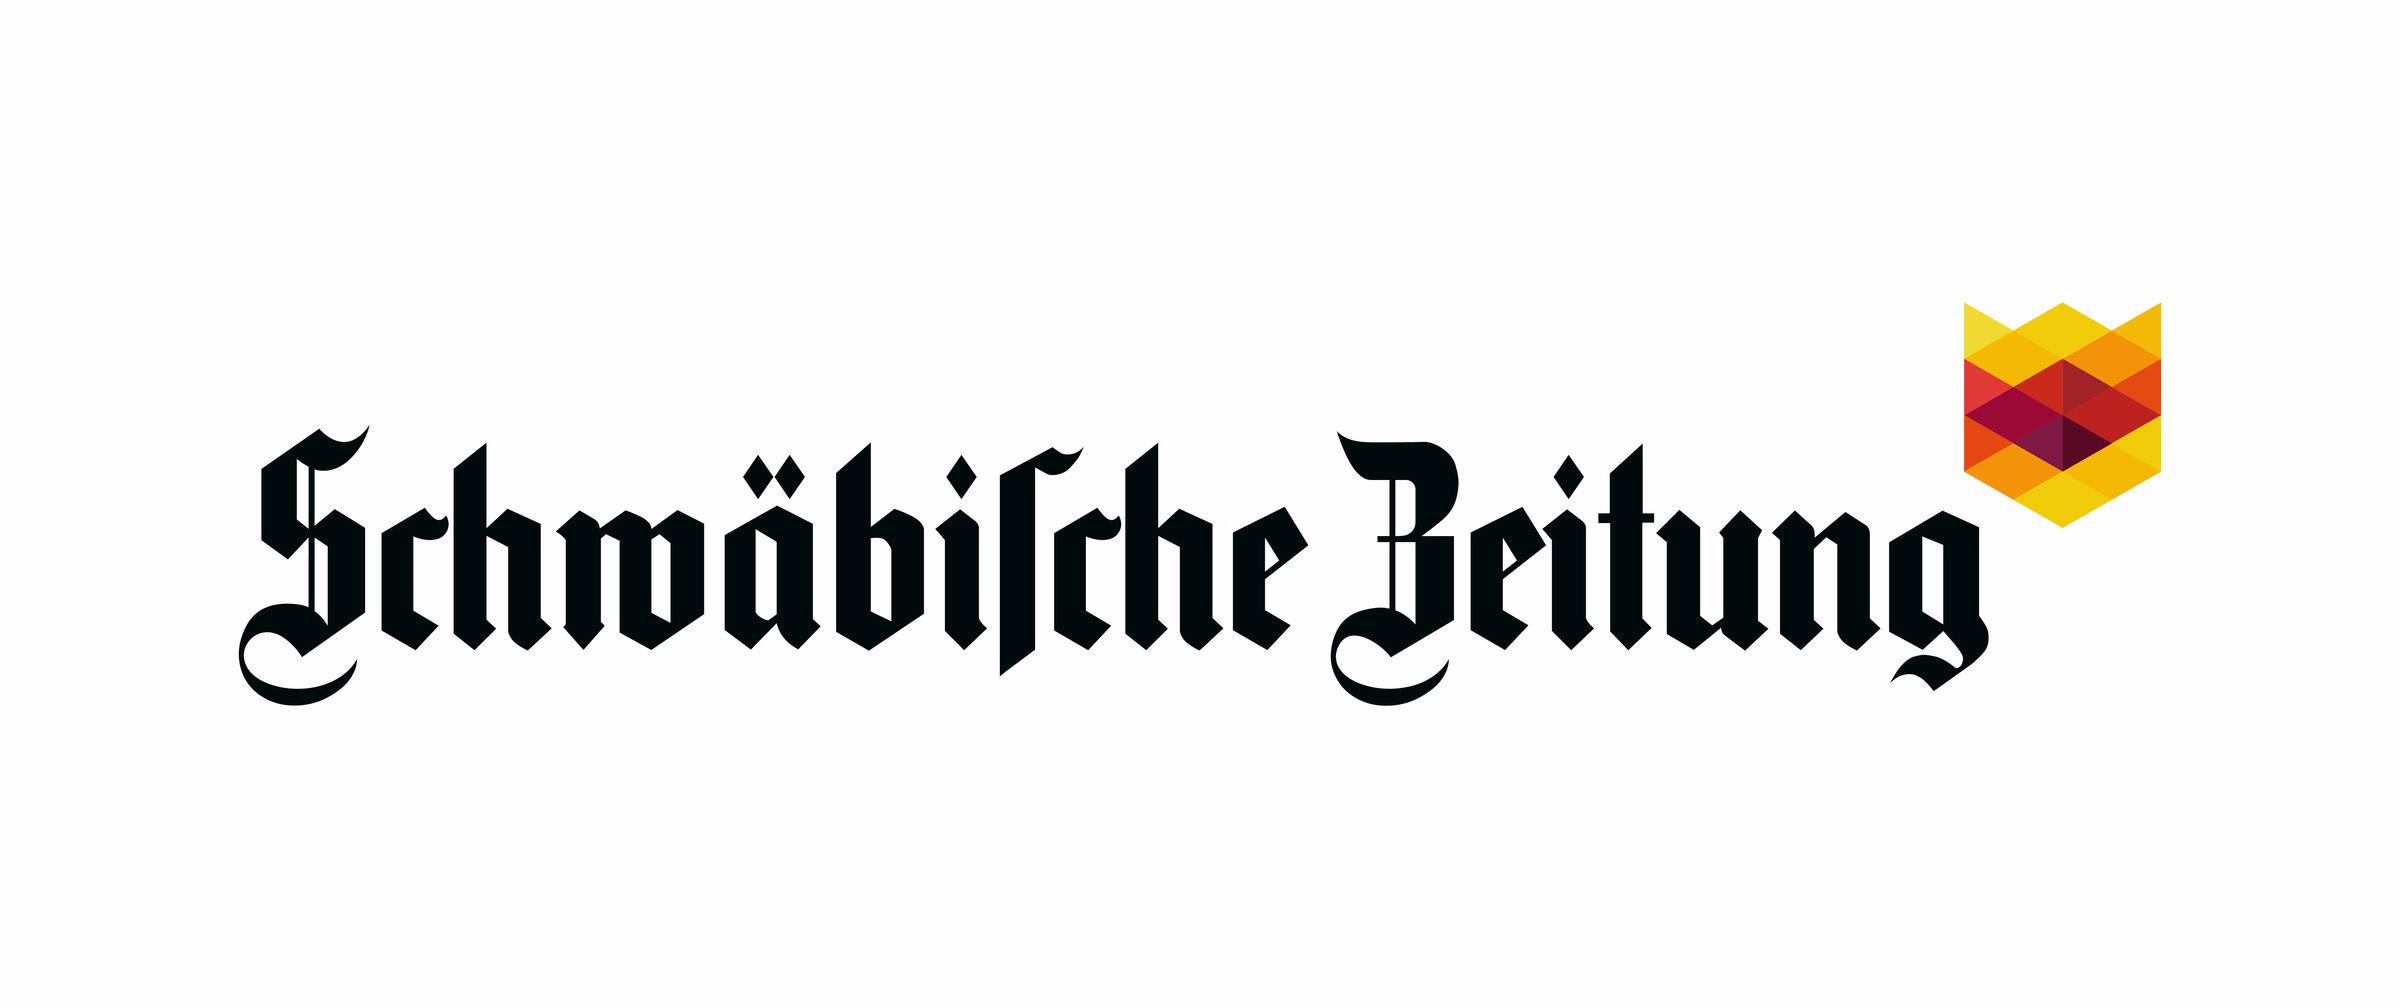 Die Schwäbische Zeitung